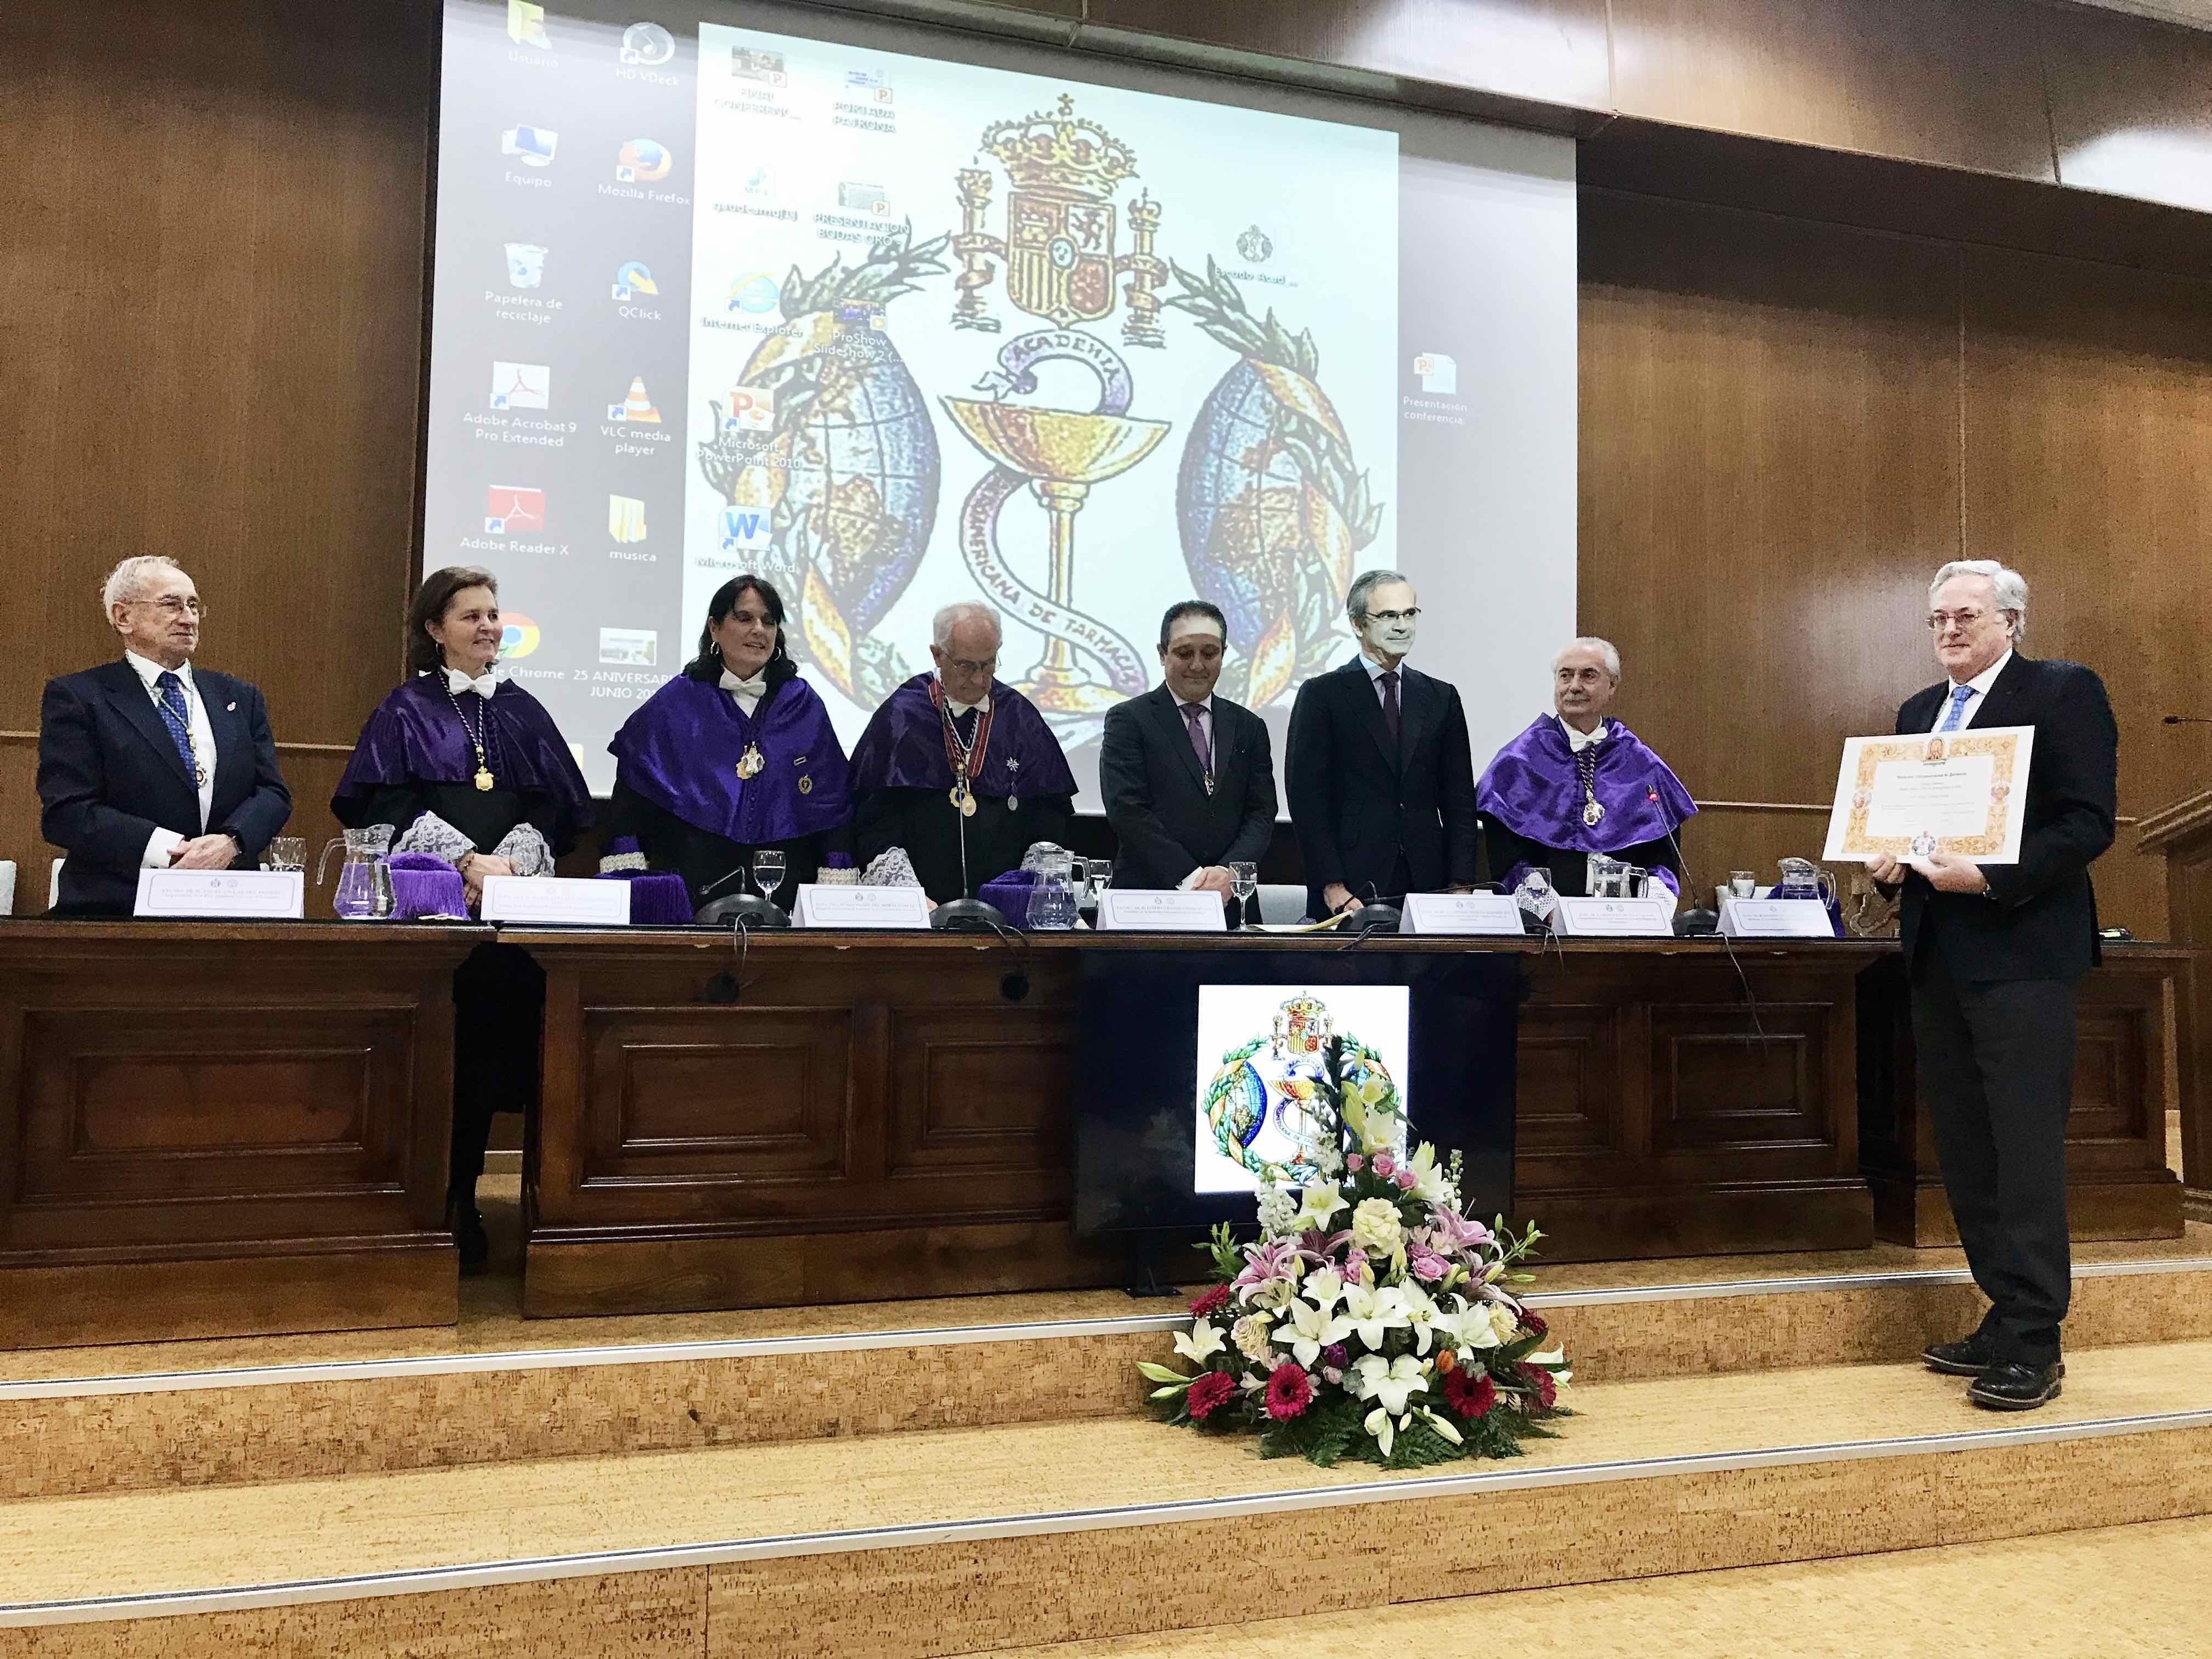 Foto de El presidente del COFG, Miguel Ángel Gastelurrutia, recogió